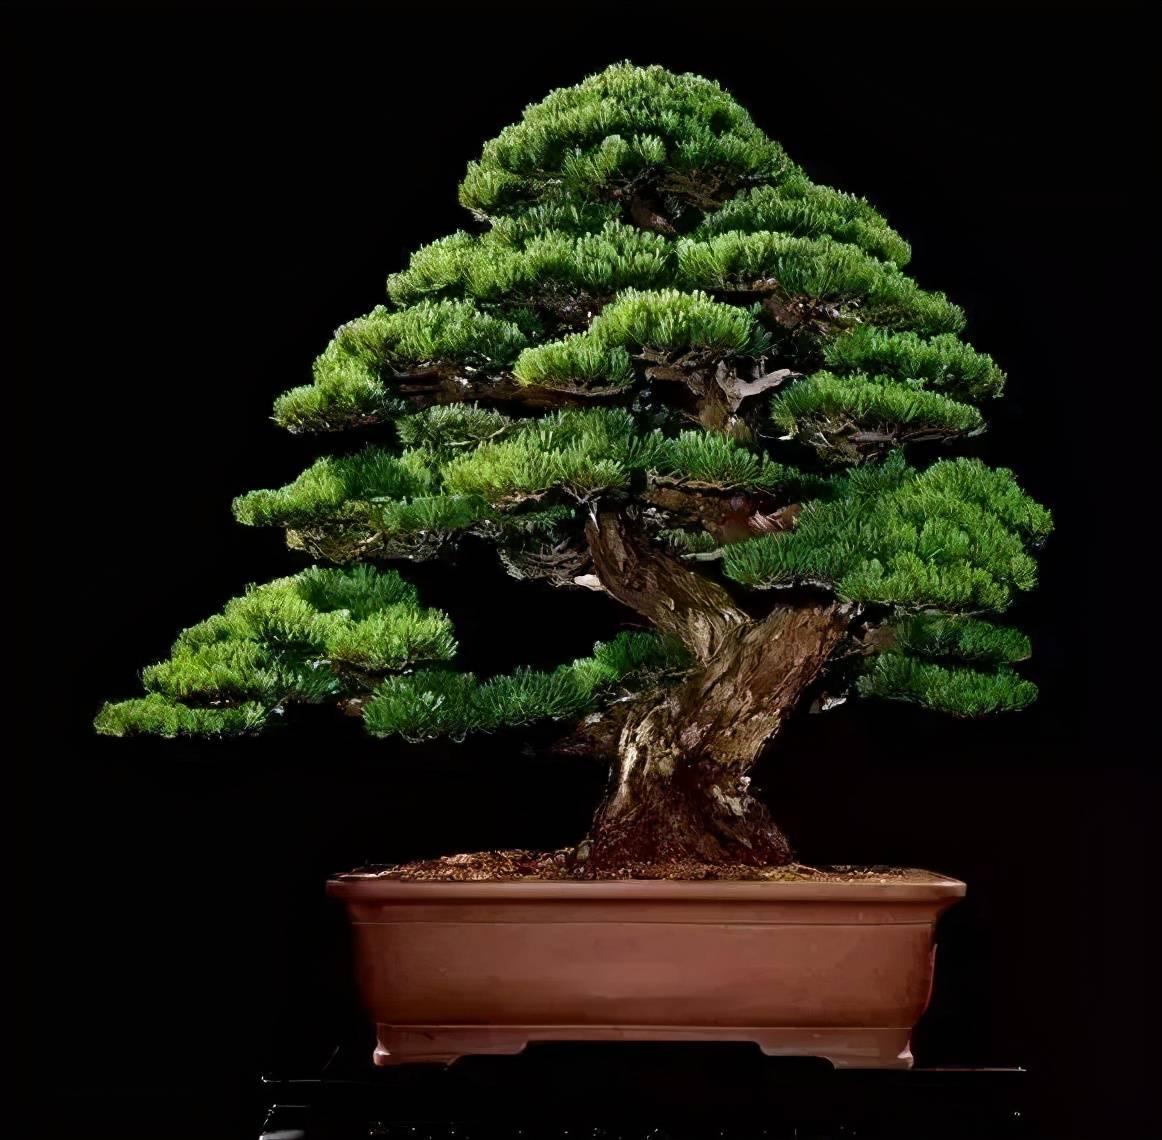 千年松万年柏,做成盆景传几代!  柏树什么时候做造型